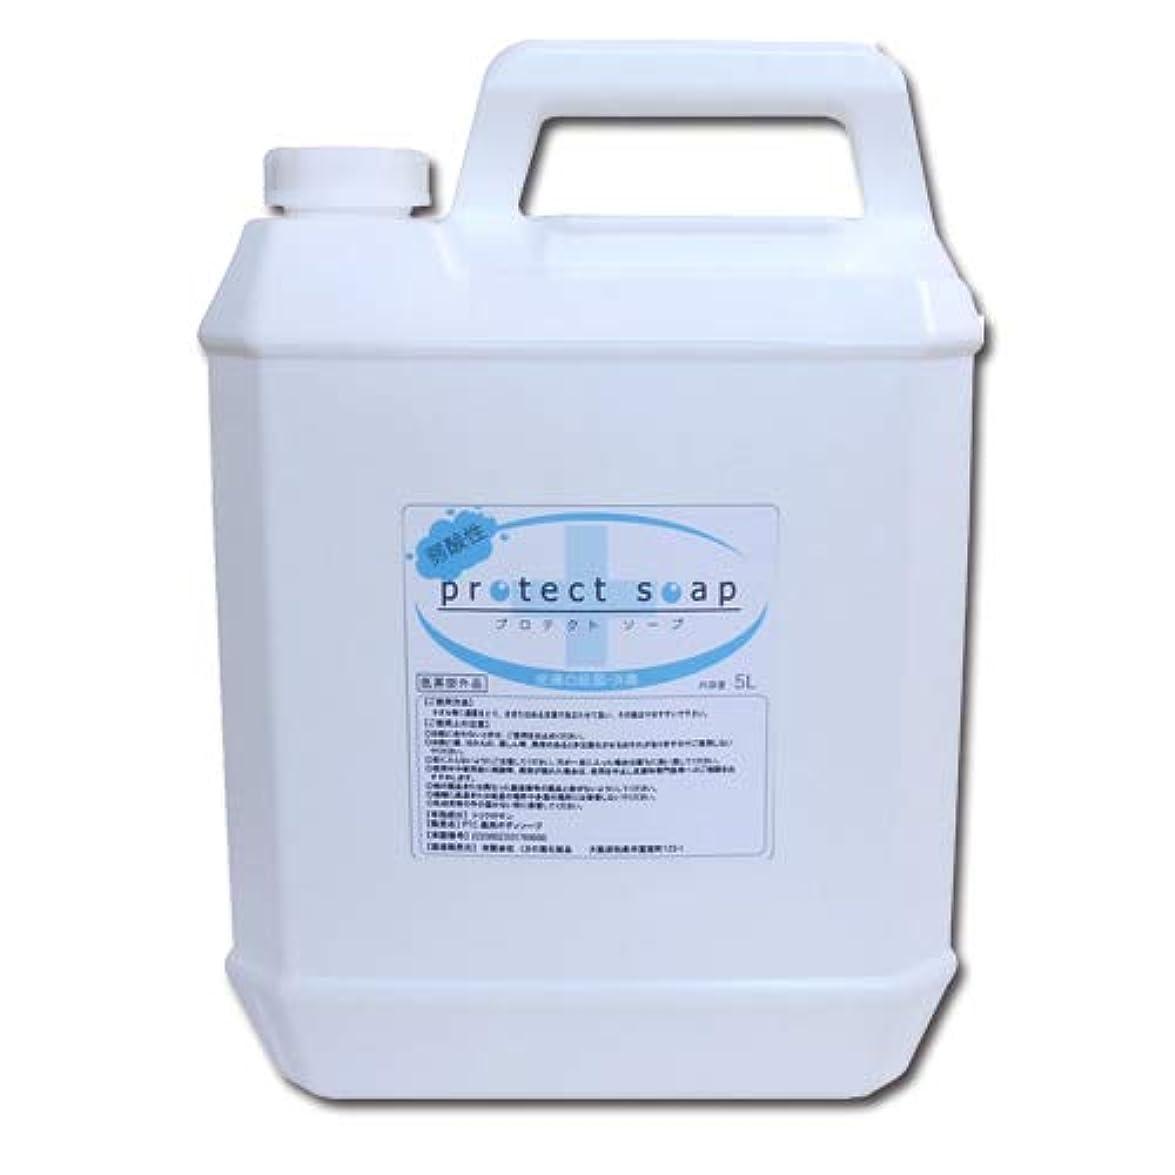 助言最初に迷惑低刺激弱酸性 液体石鹸 プロテクトソープ 5L 業務用│せっけん液 液体せっけん 殺菌?消毒 インフルエンザ?ノロウィルス対策